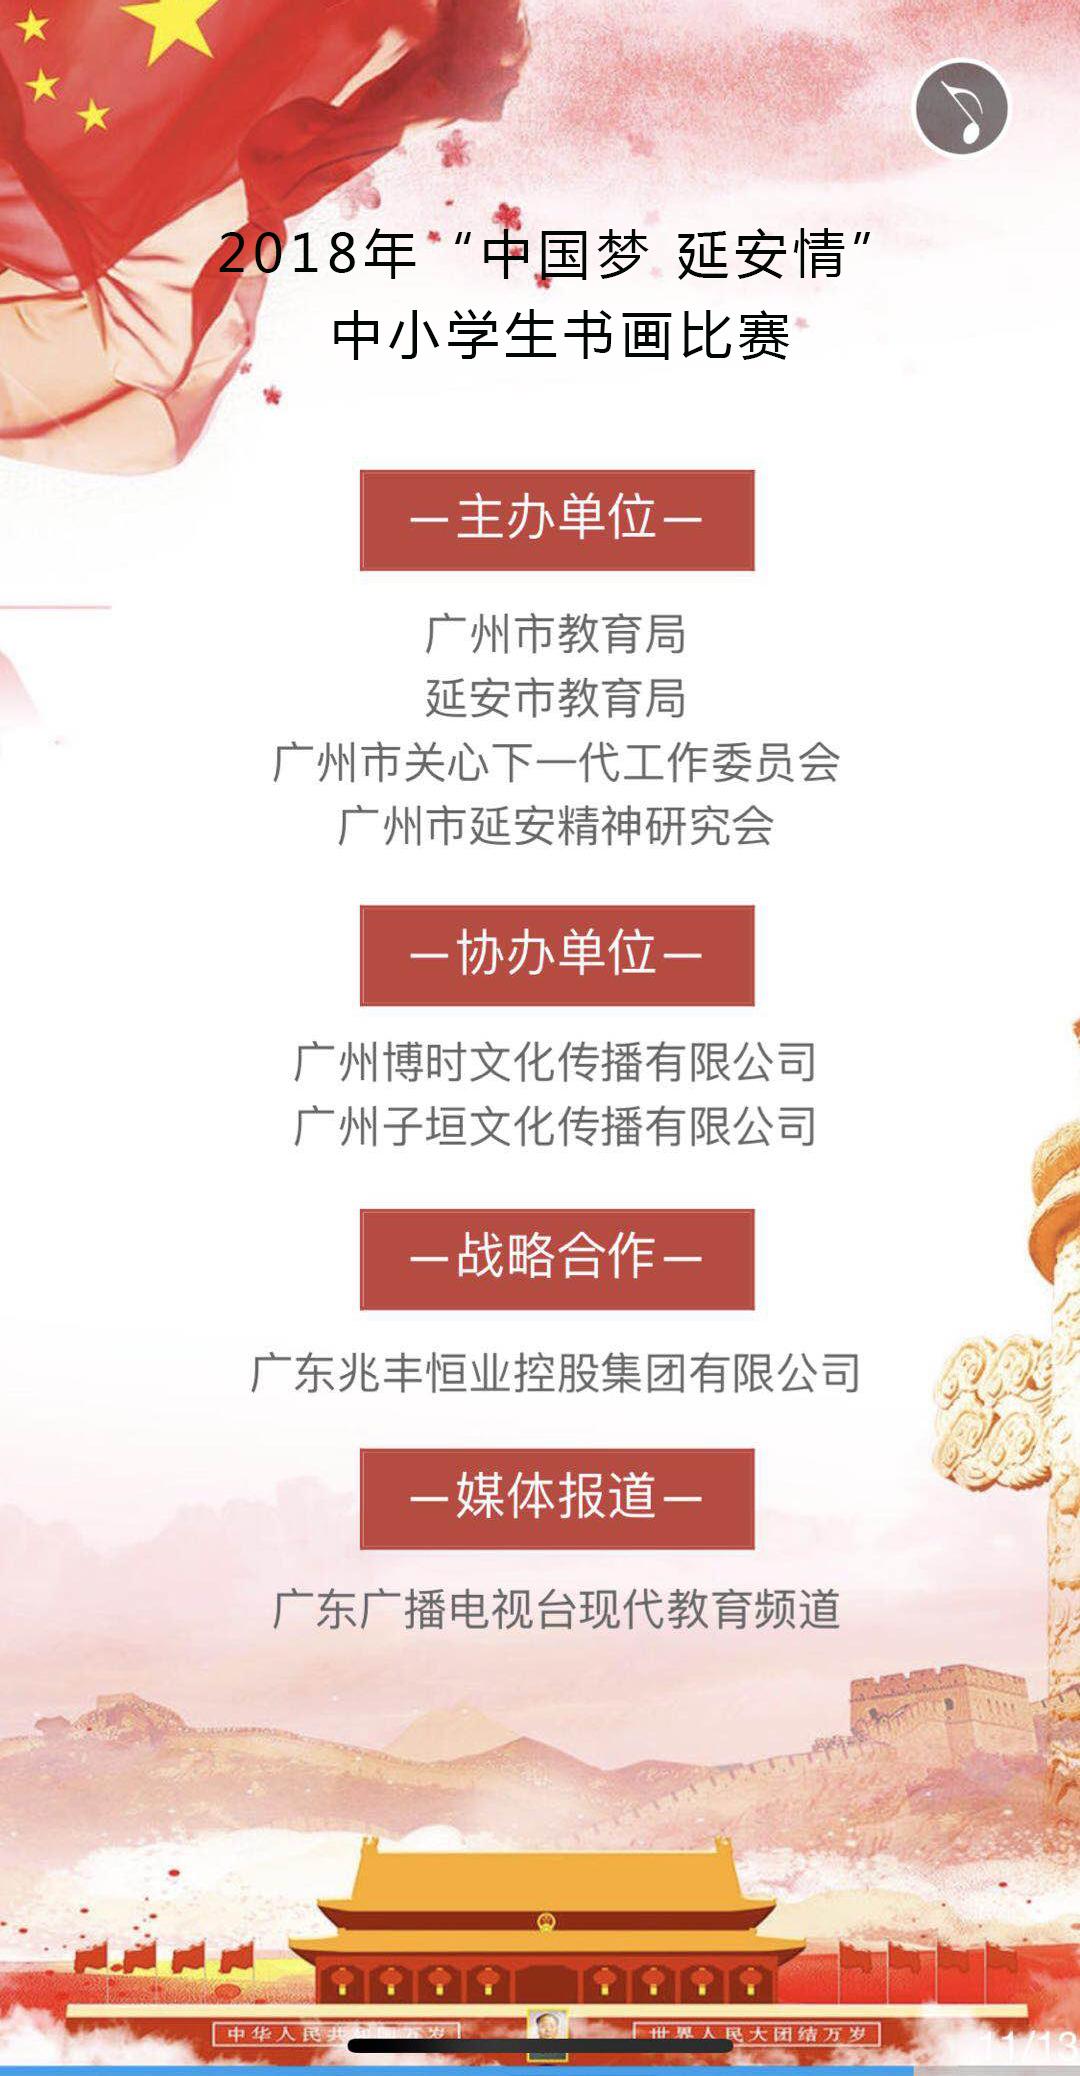 """""""中国梦 延安情""""中小学生书画比赛战略合作单位:e黄金"""